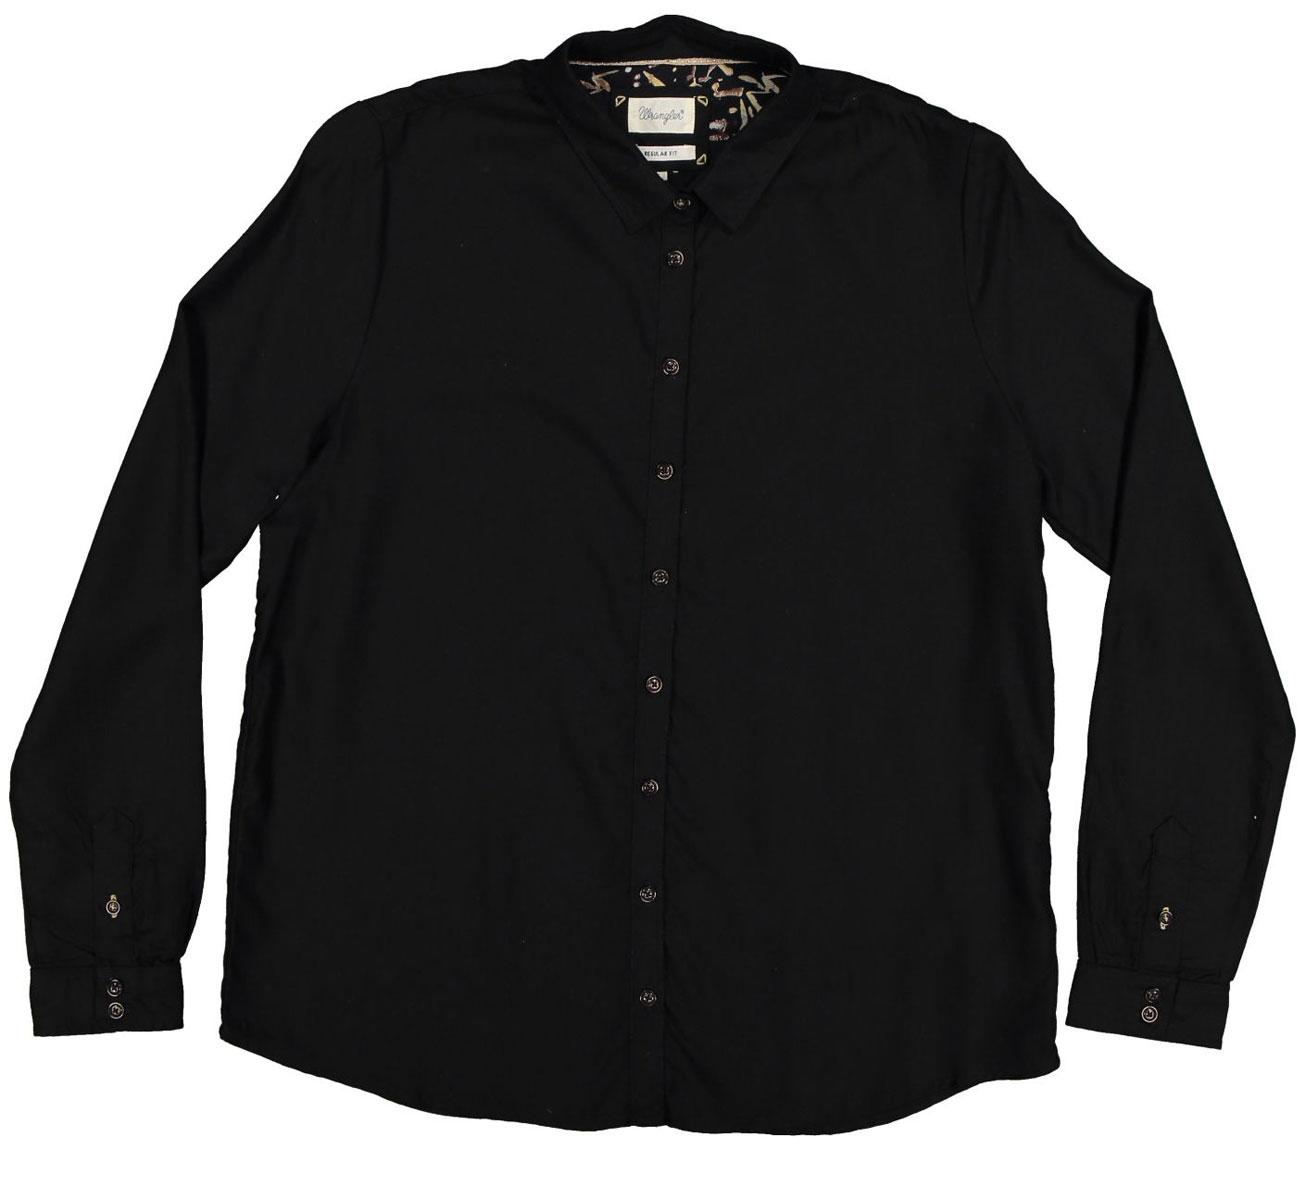 W5188BD01Симпатичная женская рубашка Wrangler, изготовлена из высококачественного материала. Модная рубашка с длинными рукавами и отложным воротником, полукруглым низом, застегивается на пуговицы.